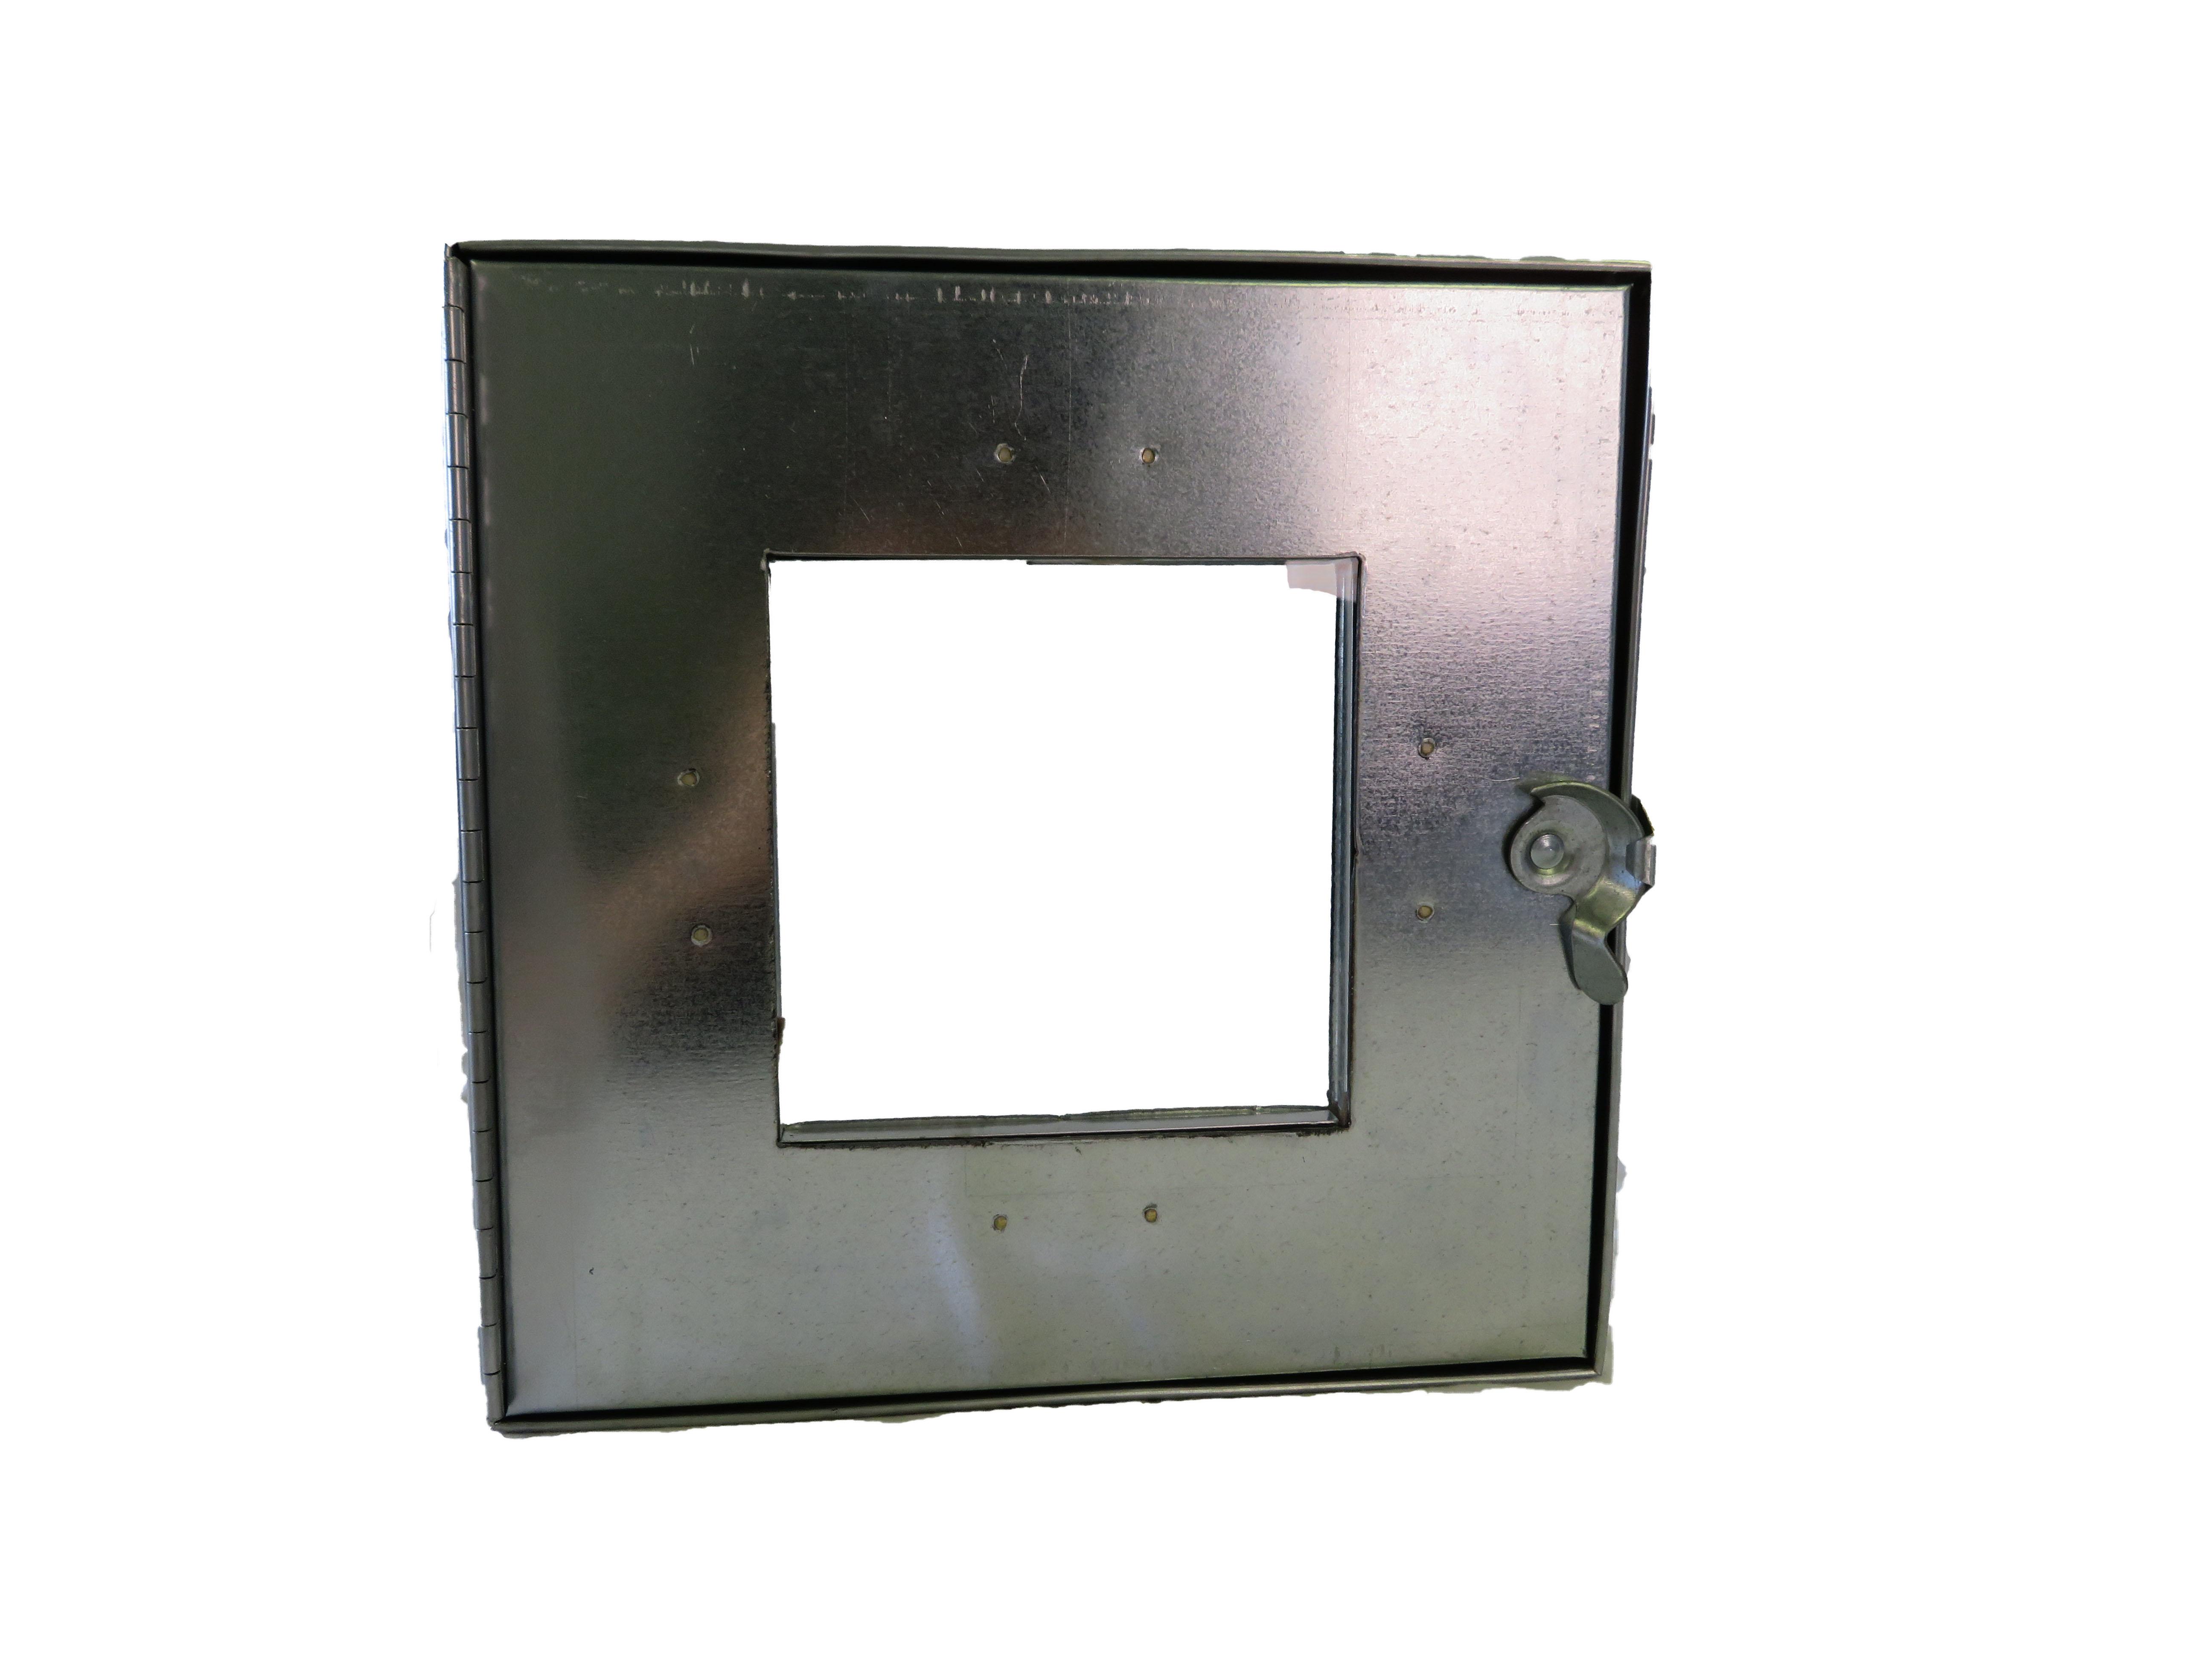 60 WHAD Window Hinged Access Door